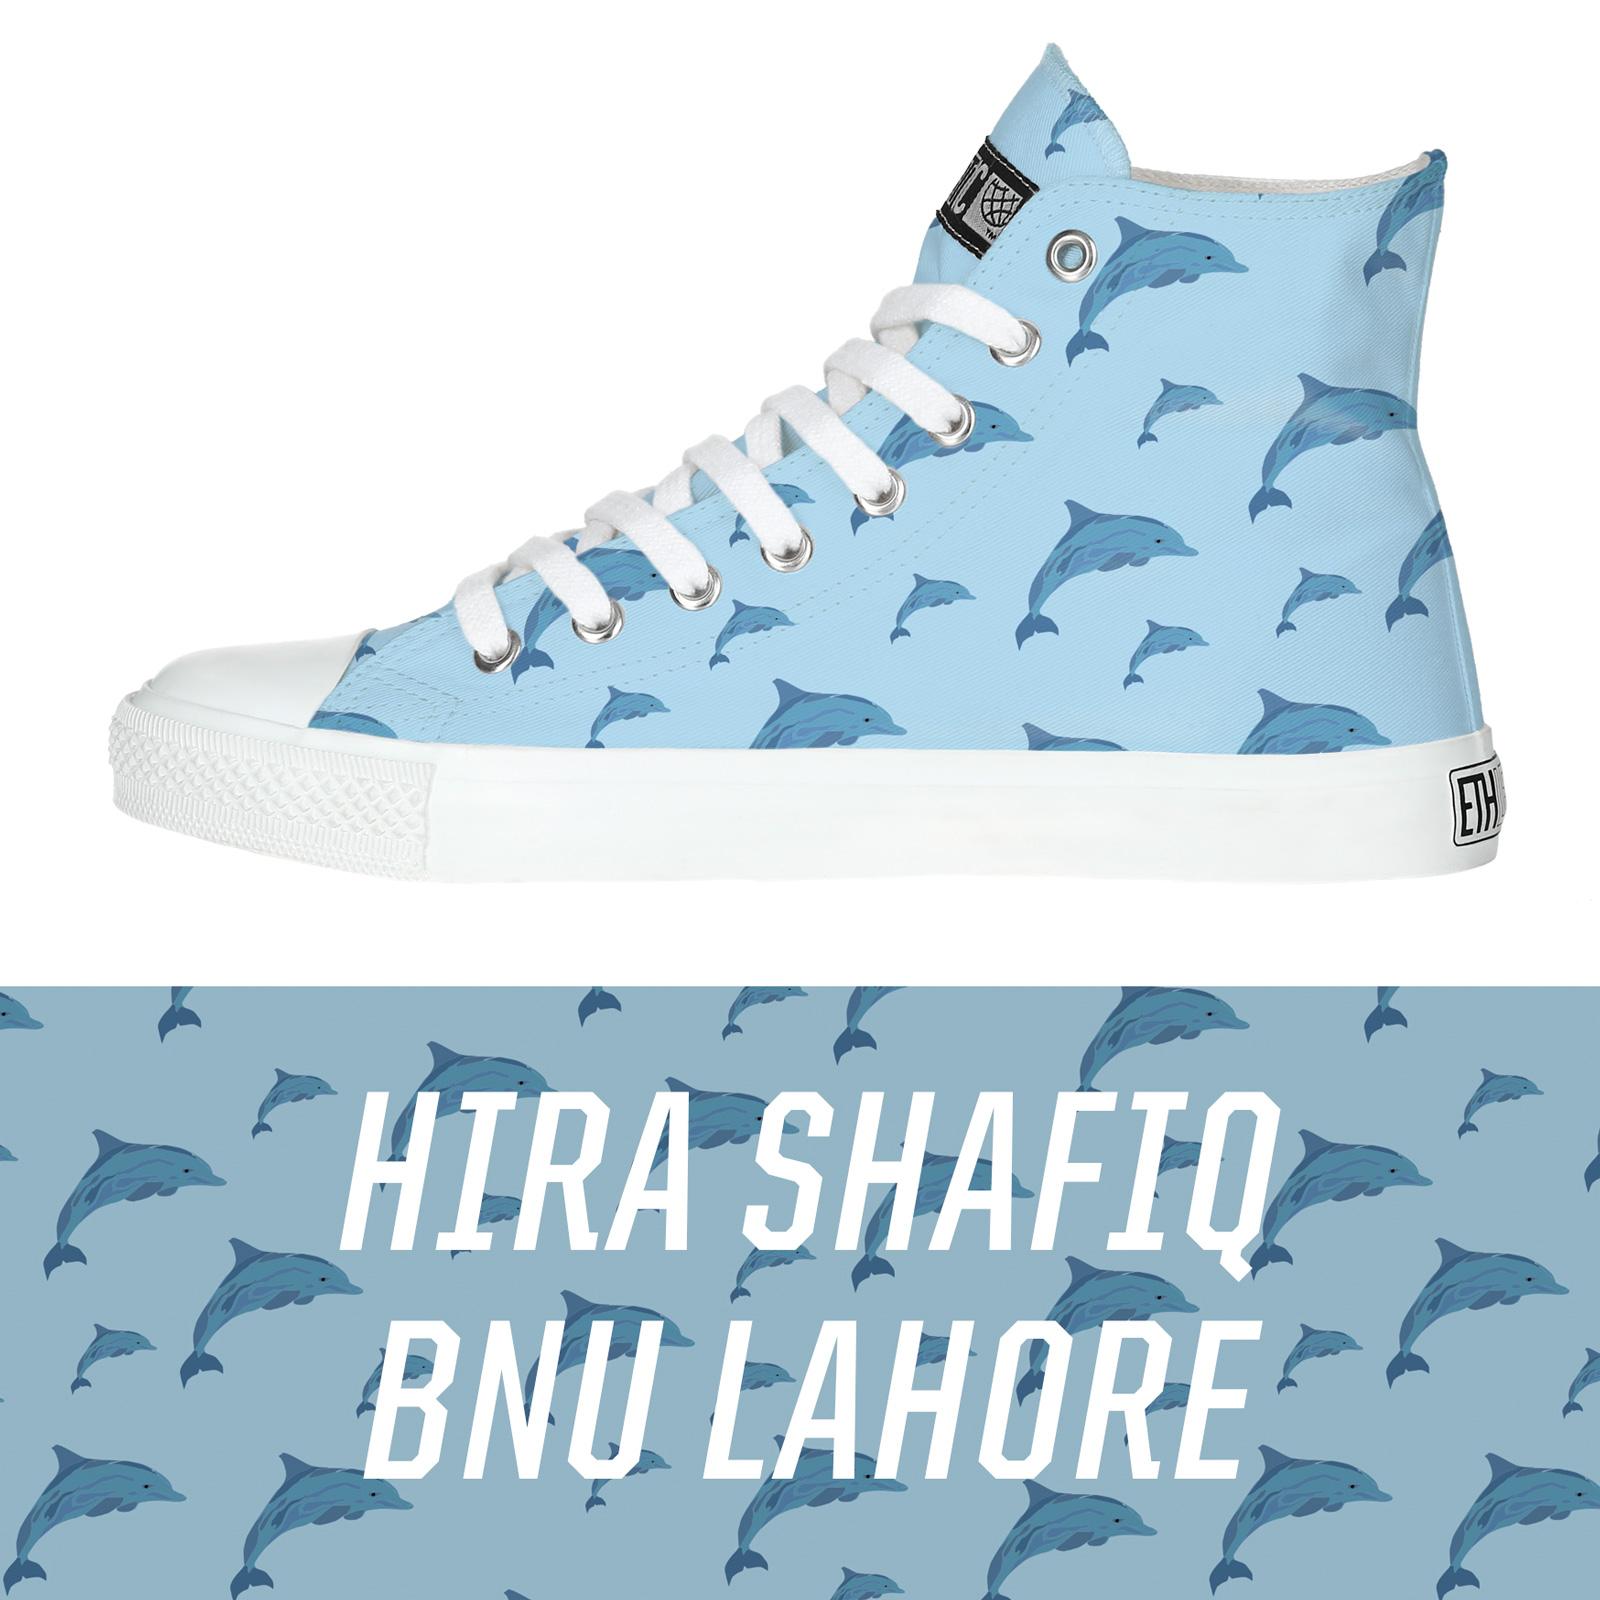 Hira_Shafiq